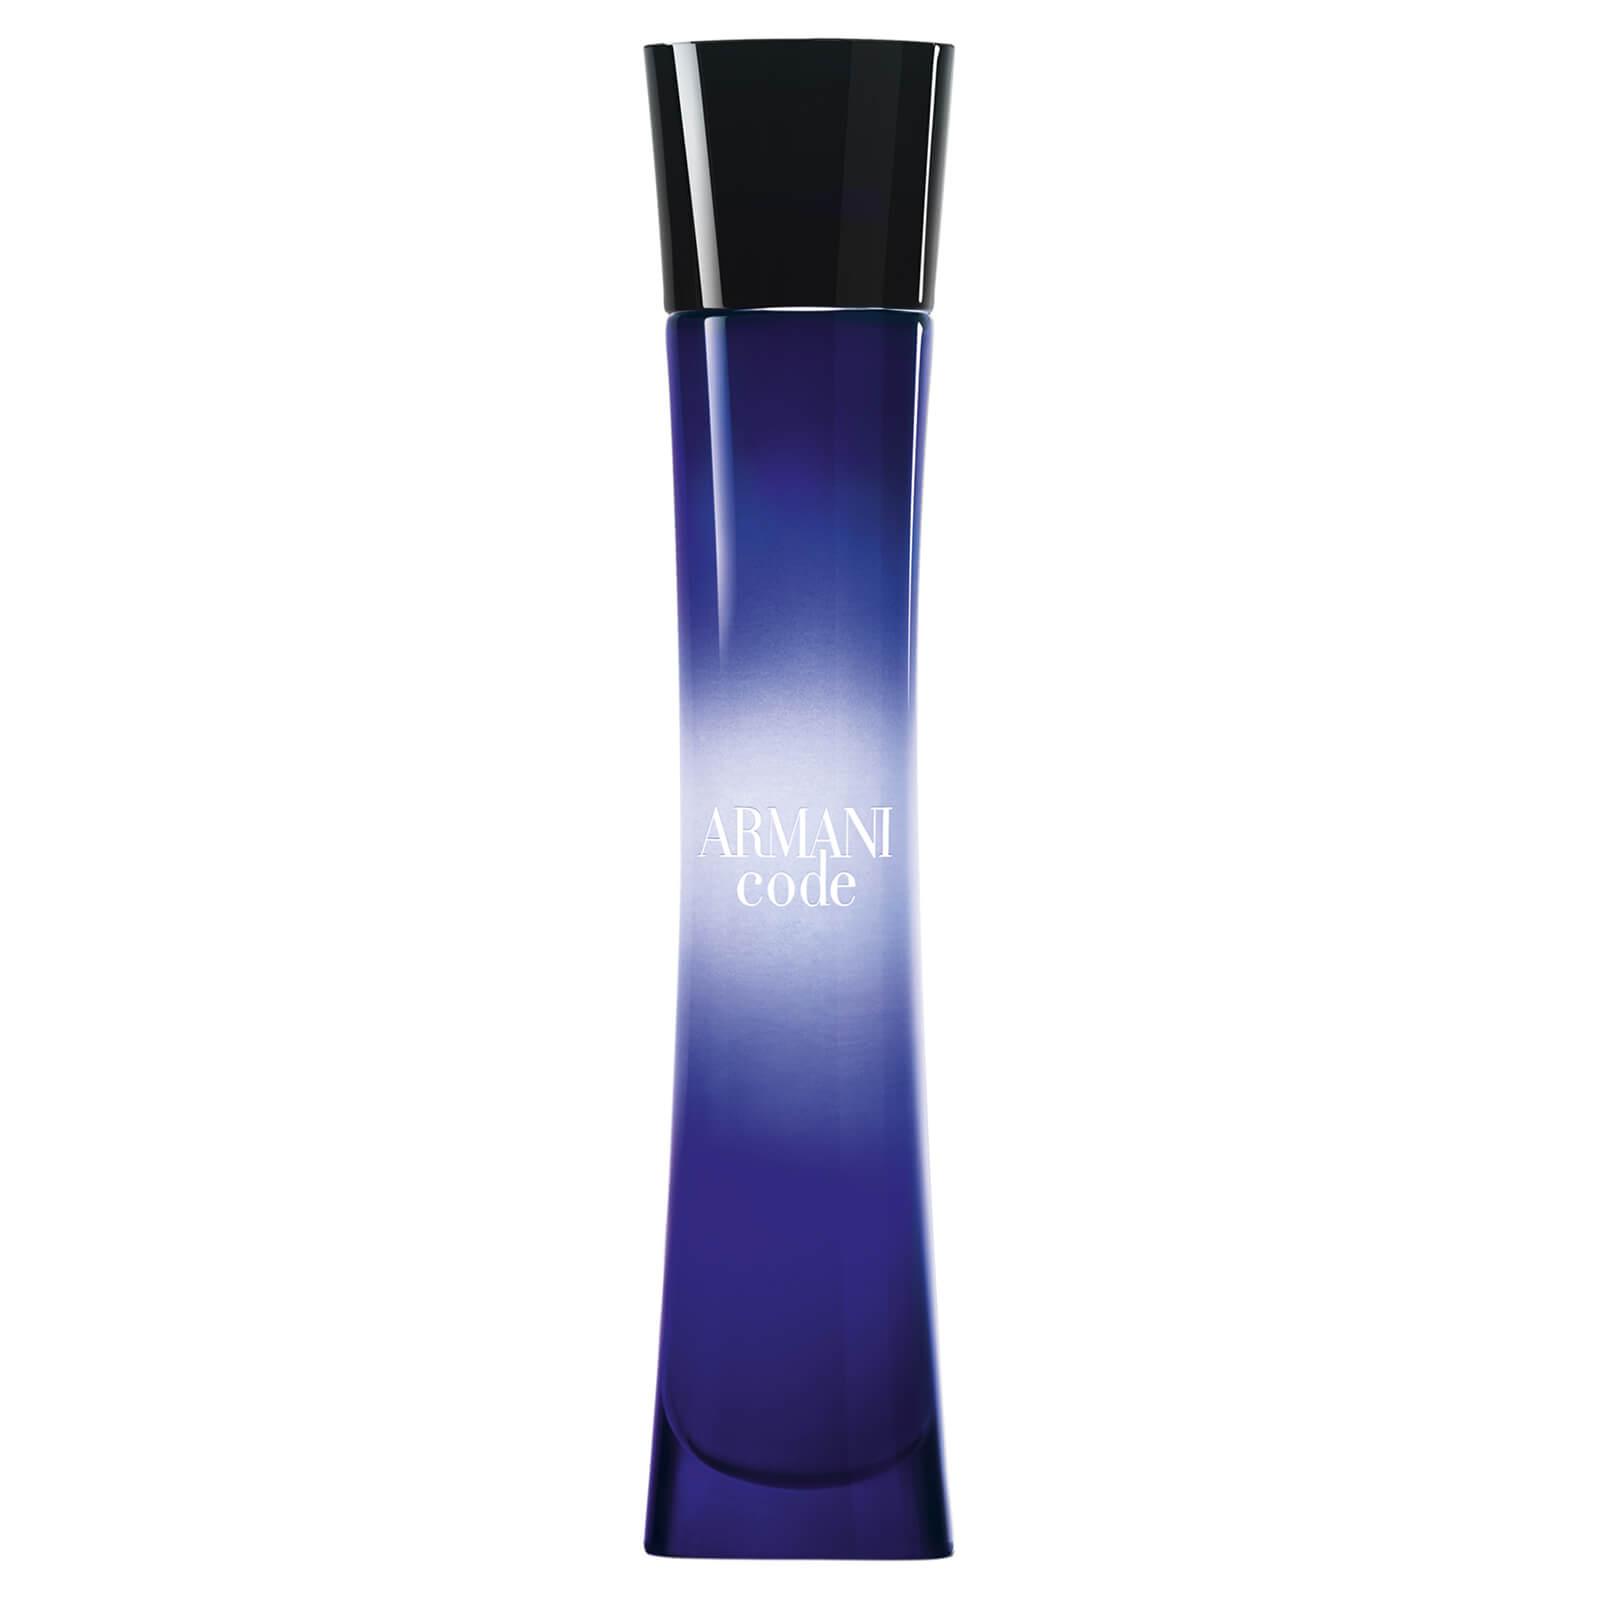 Giorgio Armani Code Femme Eau De Parfum Free Shipping Lookfantastic